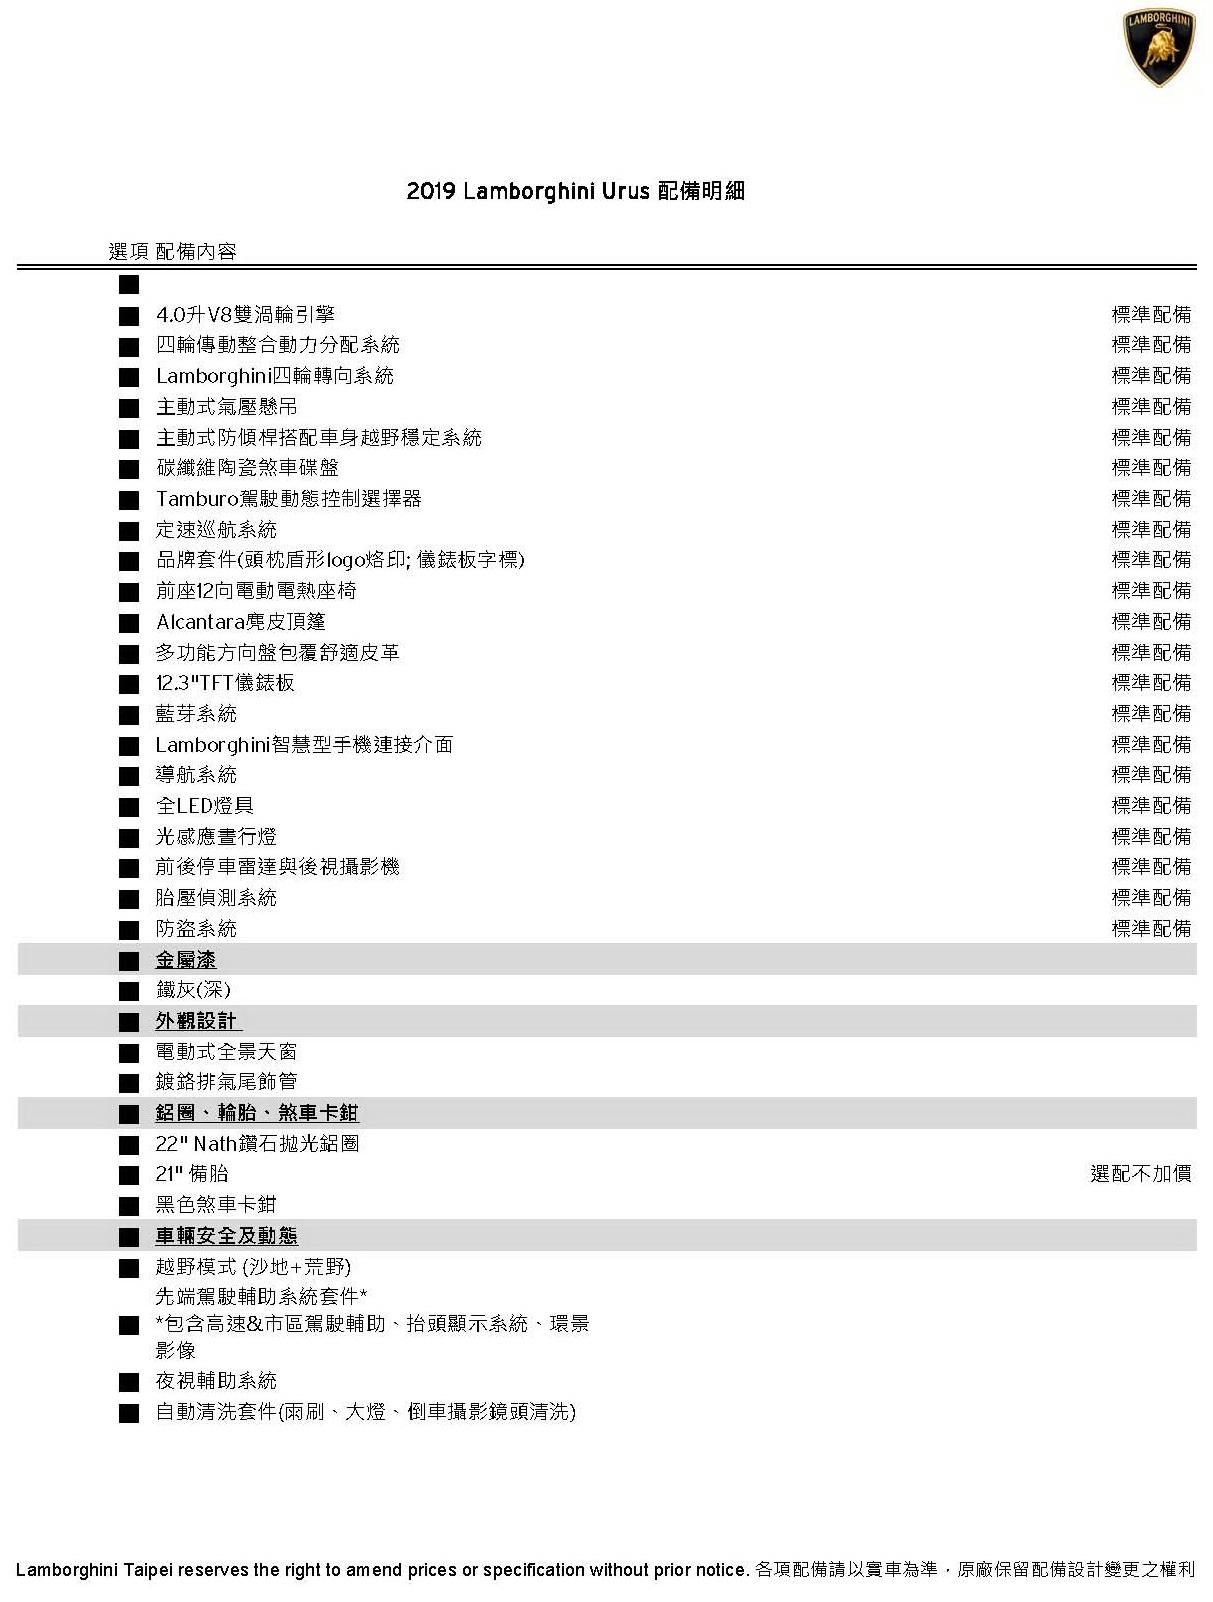 2019 Lamborghini Urus配備明細_Grigio Lynx鐵灰_頁面_1